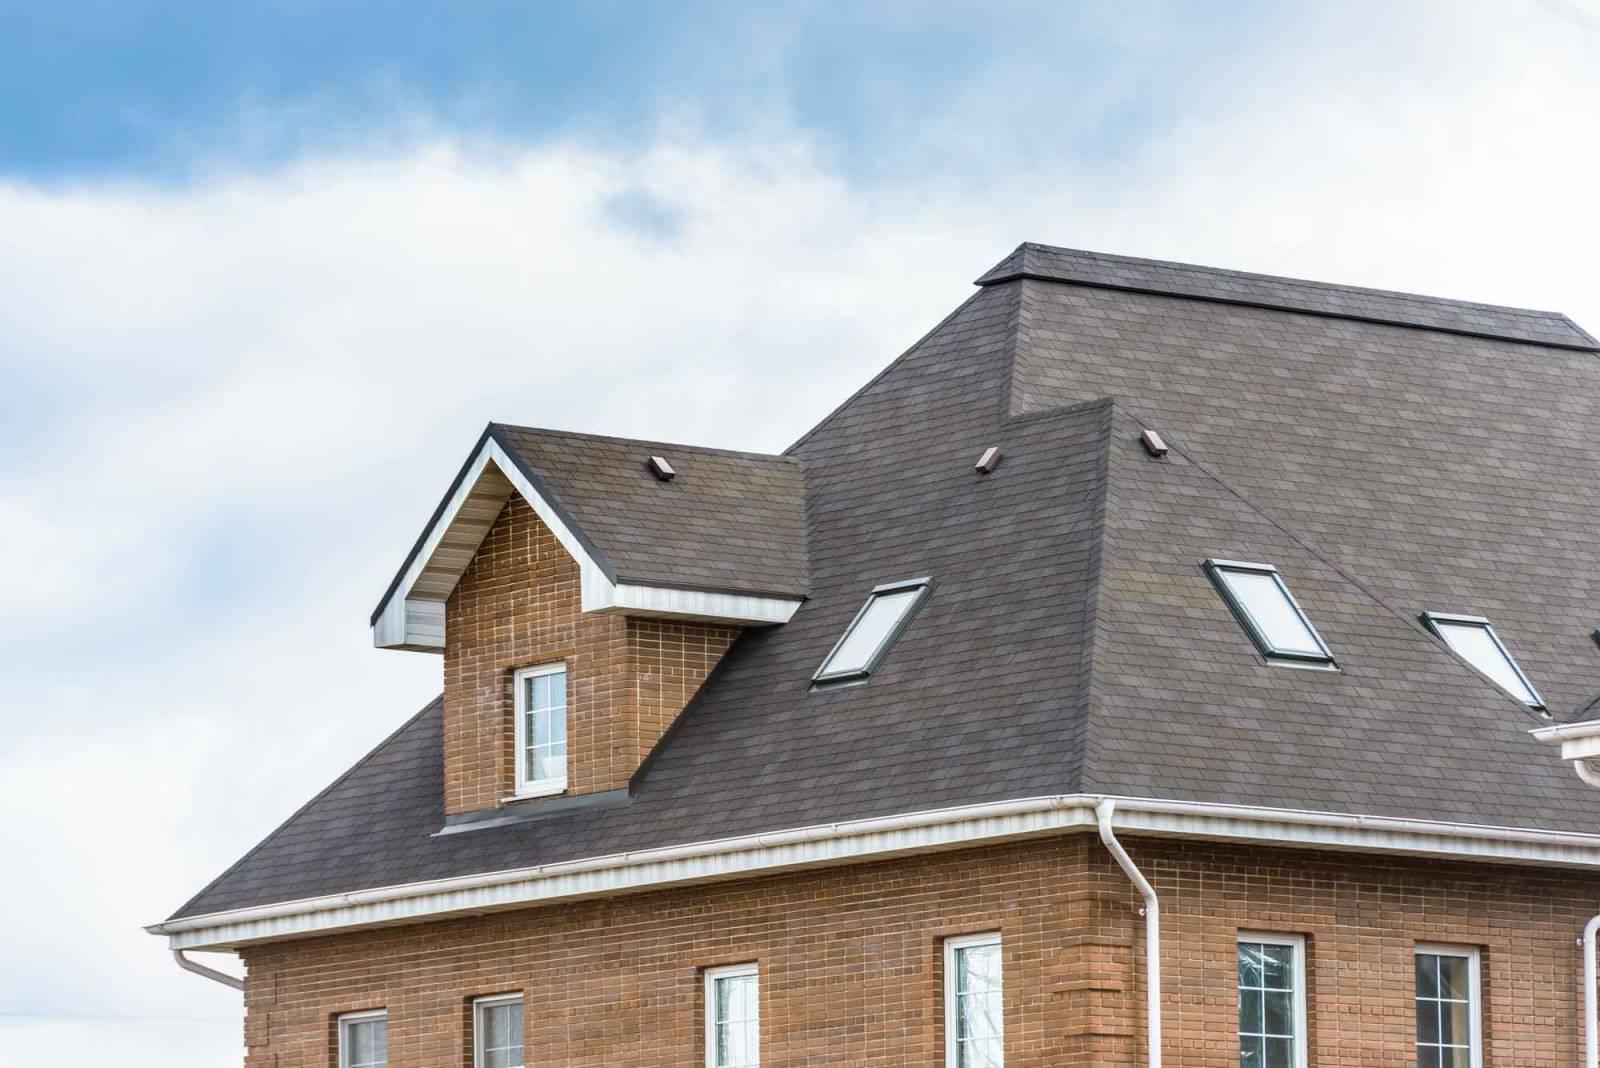 couvreur pour r novation de toiture sur marseille 13010 cap toitures. Black Bedroom Furniture Sets. Home Design Ideas